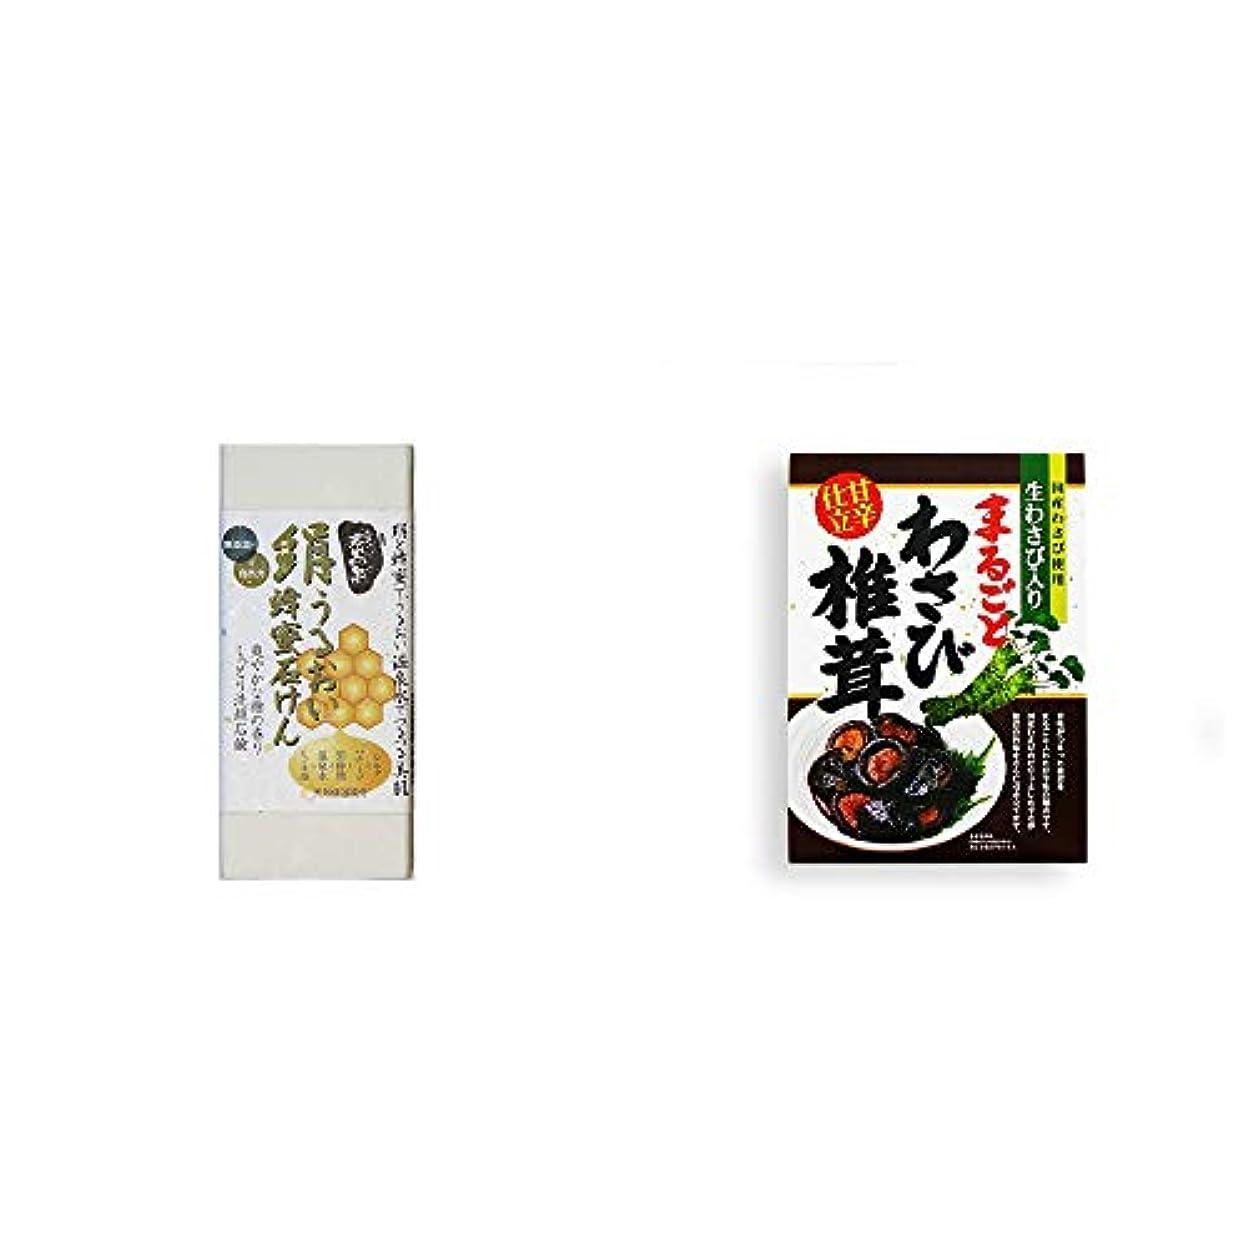 会計クローン方法[2点セット] ひのき炭黒泉 絹うるおい蜂蜜石けん(75g×2)?まるごとわさび椎茸(200g)